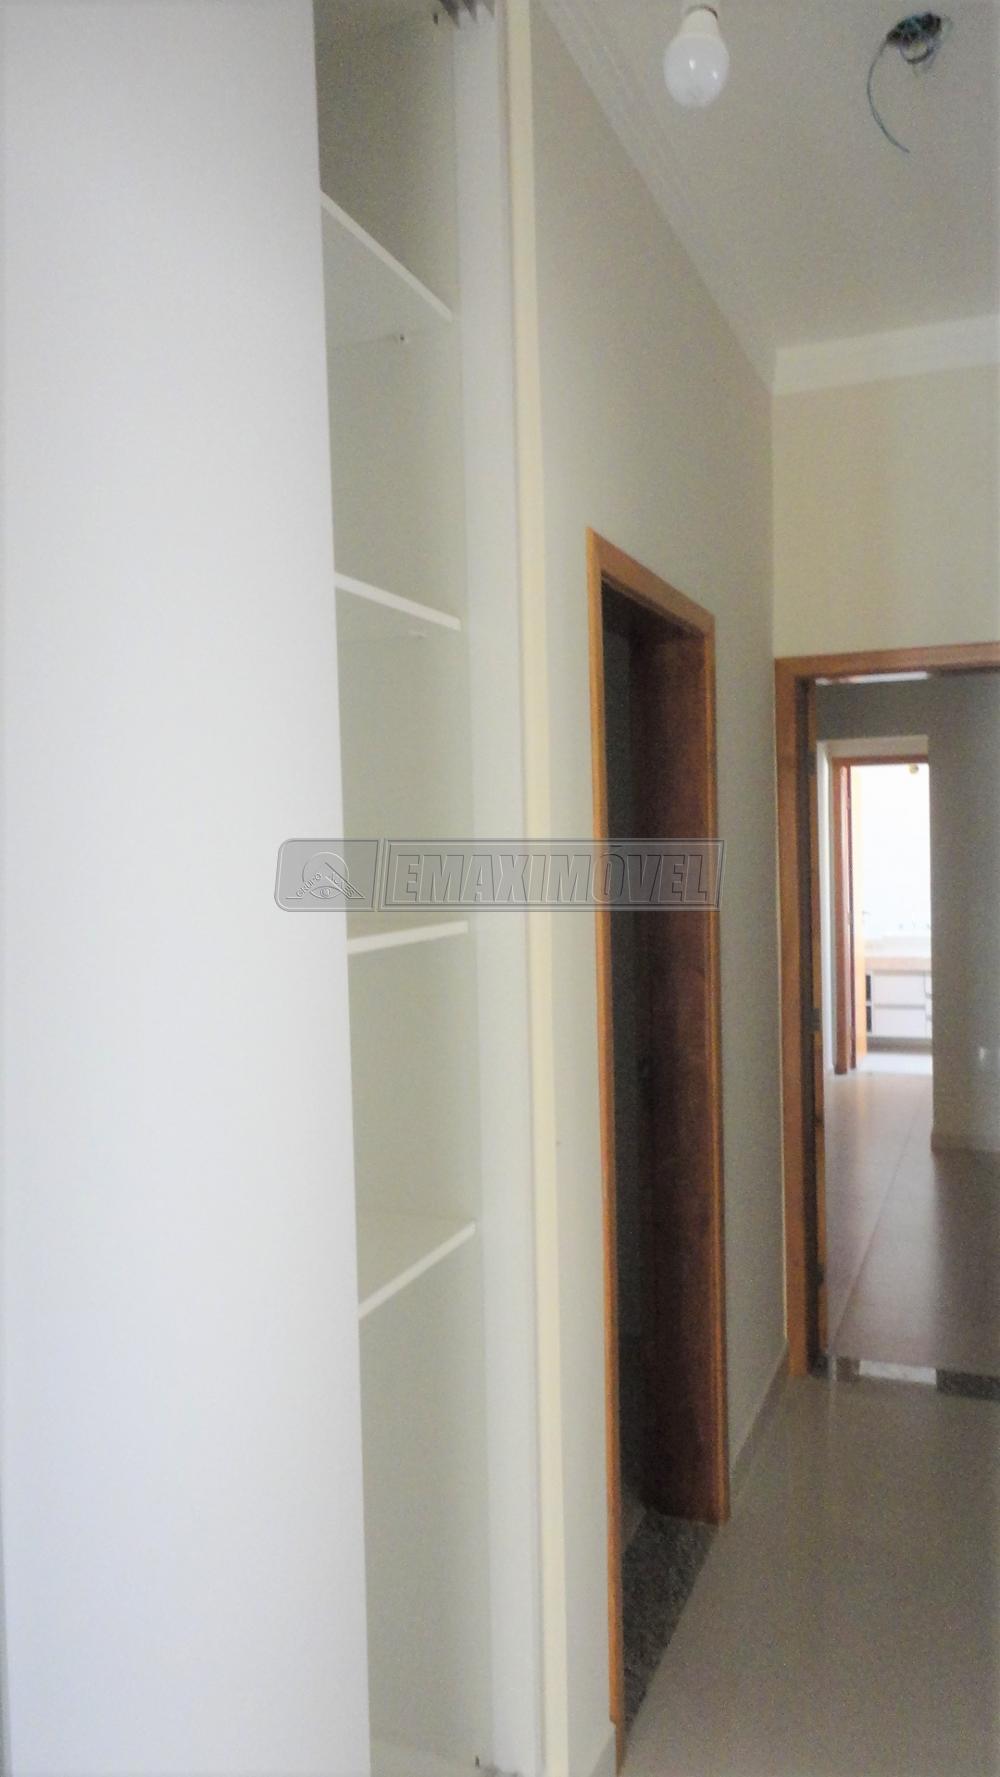 Comprar Casas / em Condomínios em Sorocaba apenas R$ 820.000,00 - Foto 15